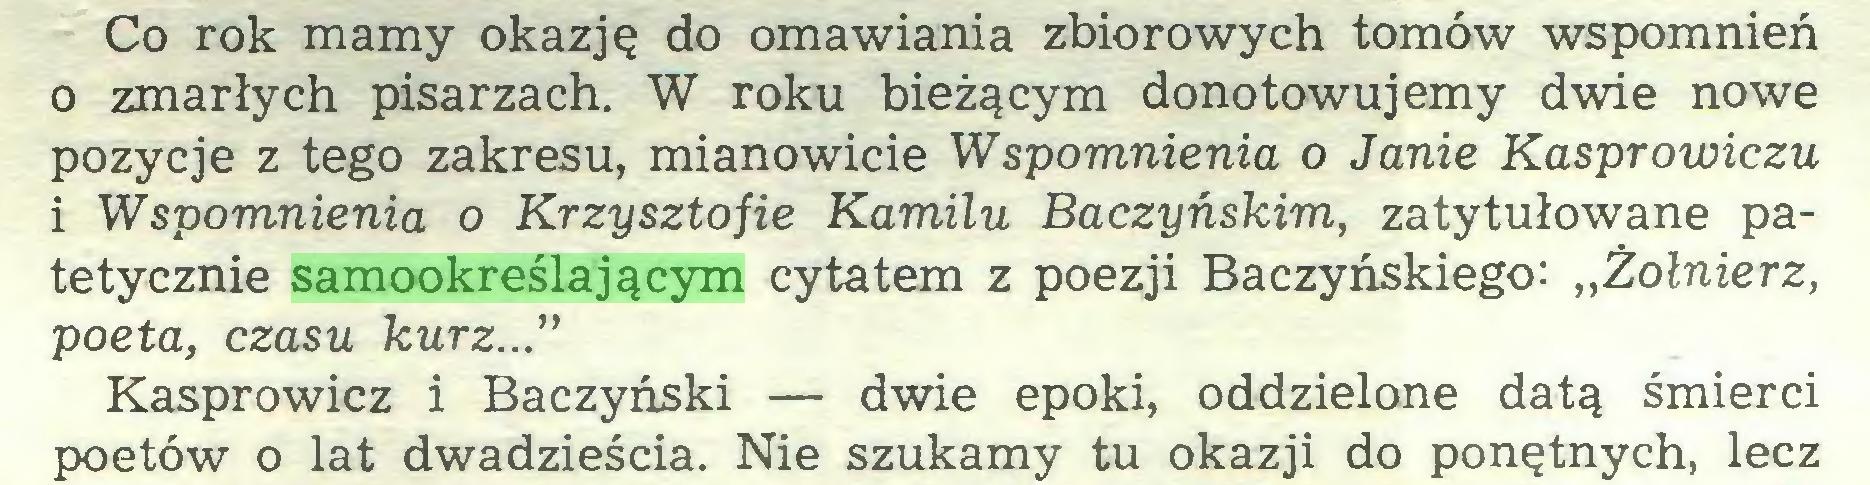 """(...) Co rok mamy okazję do omawiania zbiorowych tomów wspomnień 0 zmarłych pisarzach. W roku bieżącym donotowujemy dwie nowe pozycje z tego zakresu, mianowicie Wspomnienia o Janie Kasprowiczu 1 Wspomnienia o Krzysztofie Kamilu Baczyńskim, zatytułowane patetycznie samookreślającym cytatem z poezji Baczyńskiego: ,,Żołnierz, poeta, czasu kurz..."""" Kasprowicz i Baczyński — dwie epoki, oddzielone datą śmierci poetów o lat dwadzieścia. Nie szukamy tu okazji do ponętnych, lecz..."""